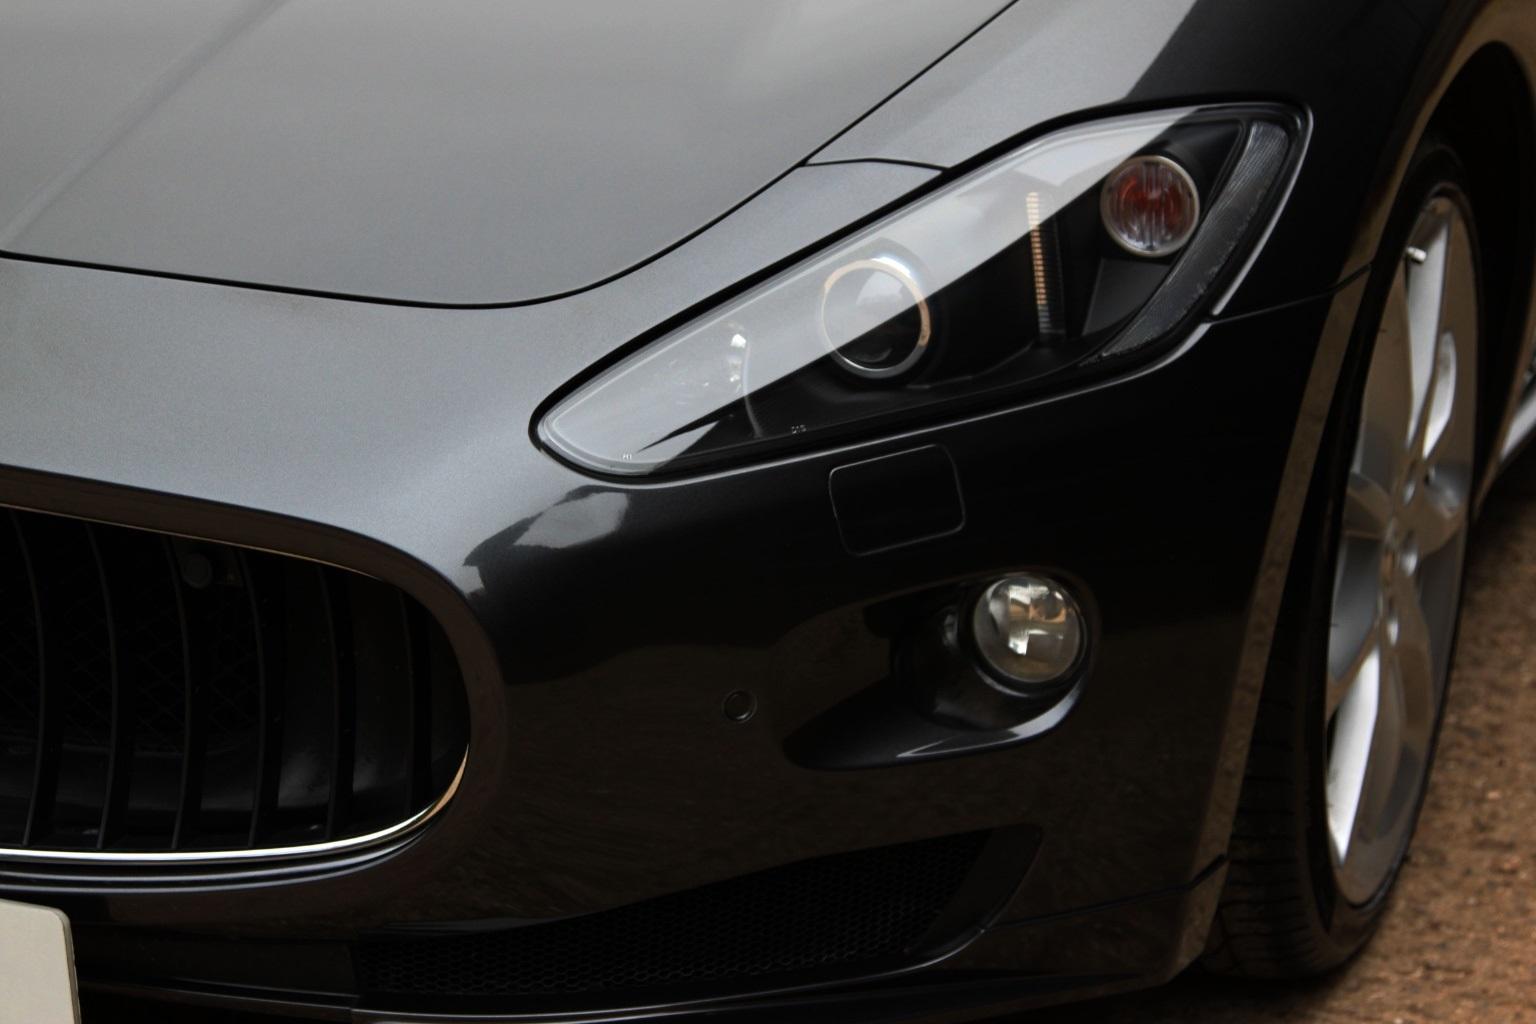 Maserati Grancabrio  Sport - 1 OWNER - 15,000 Miles - Image 23